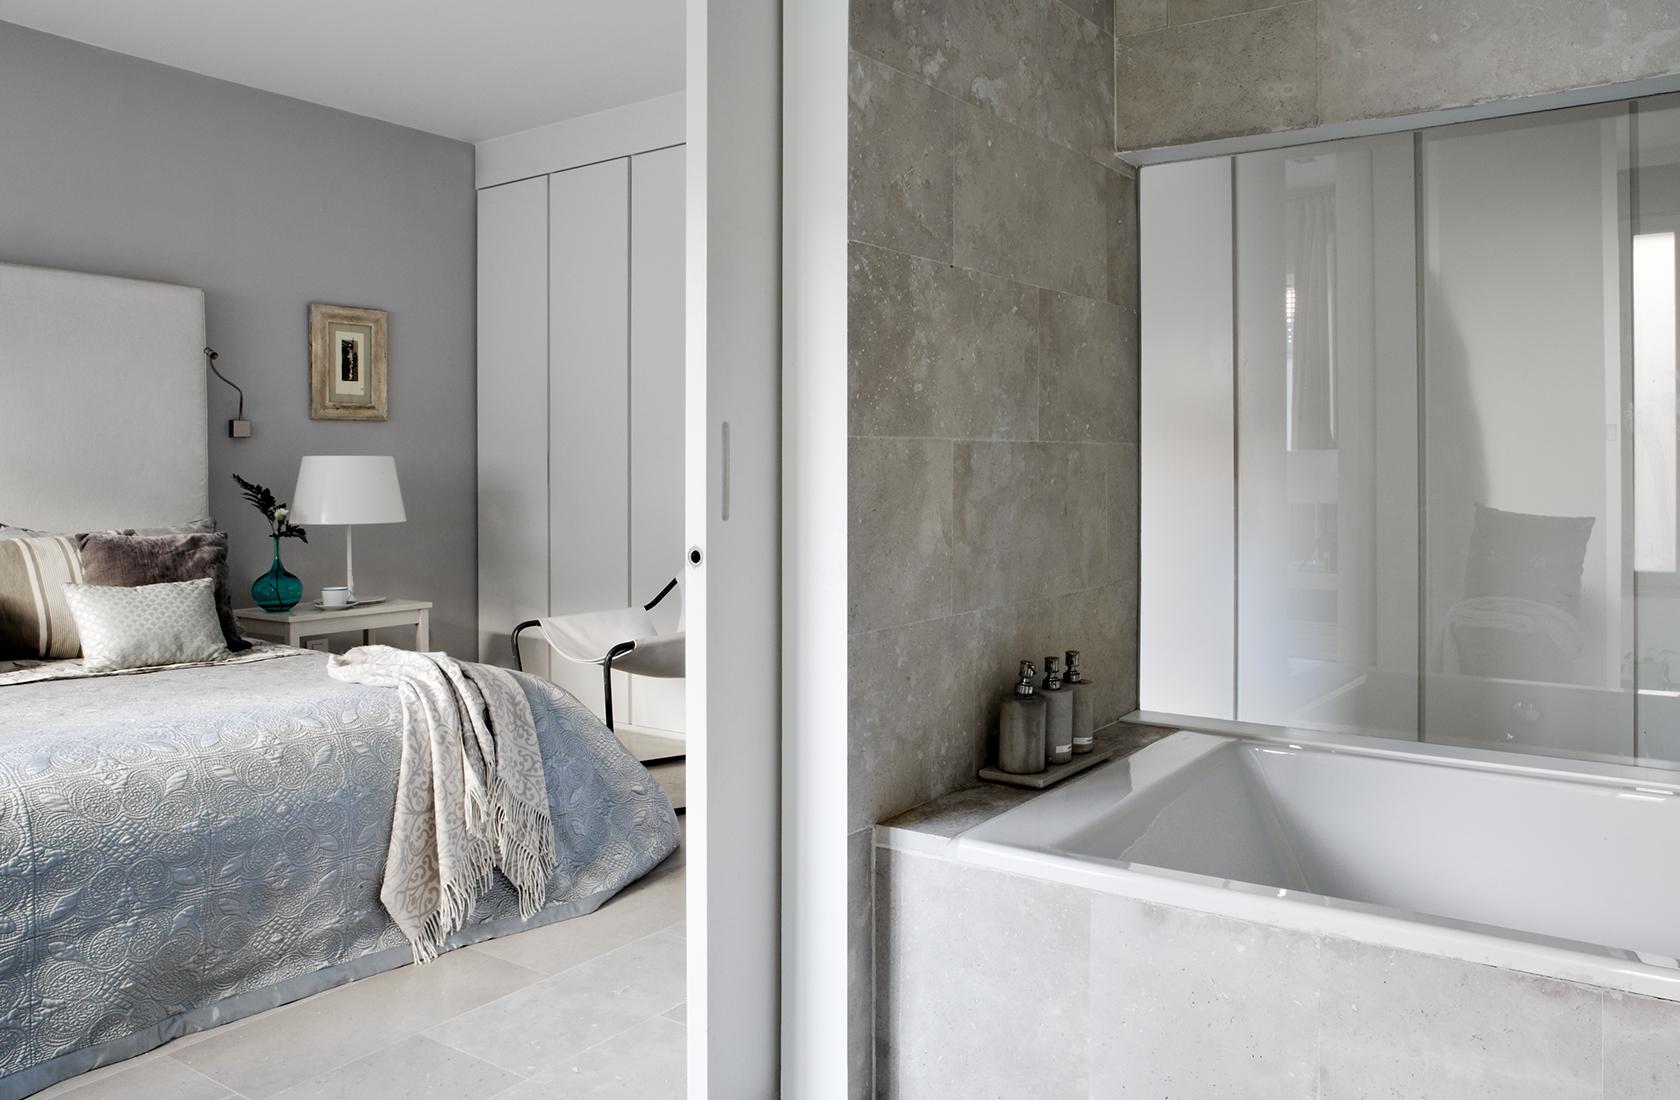 Promocion aravaca 2 casa c 30 dormitorio bano